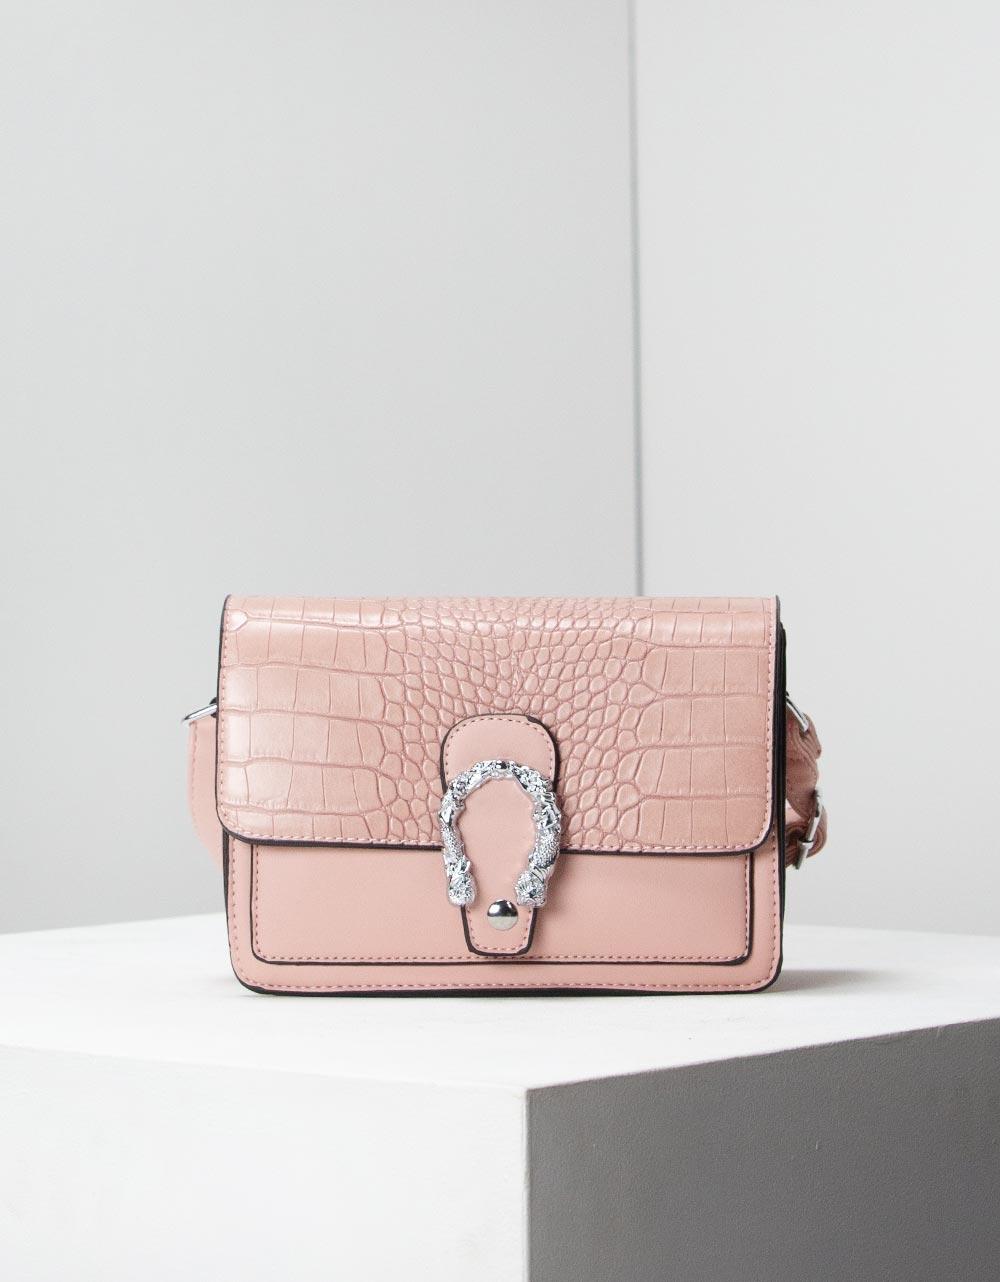 Εικόνα από Γυναικεία τσάντα χειρός με κροκό μοτίβο και μεταλλικό διακοσμητικό Ροζ